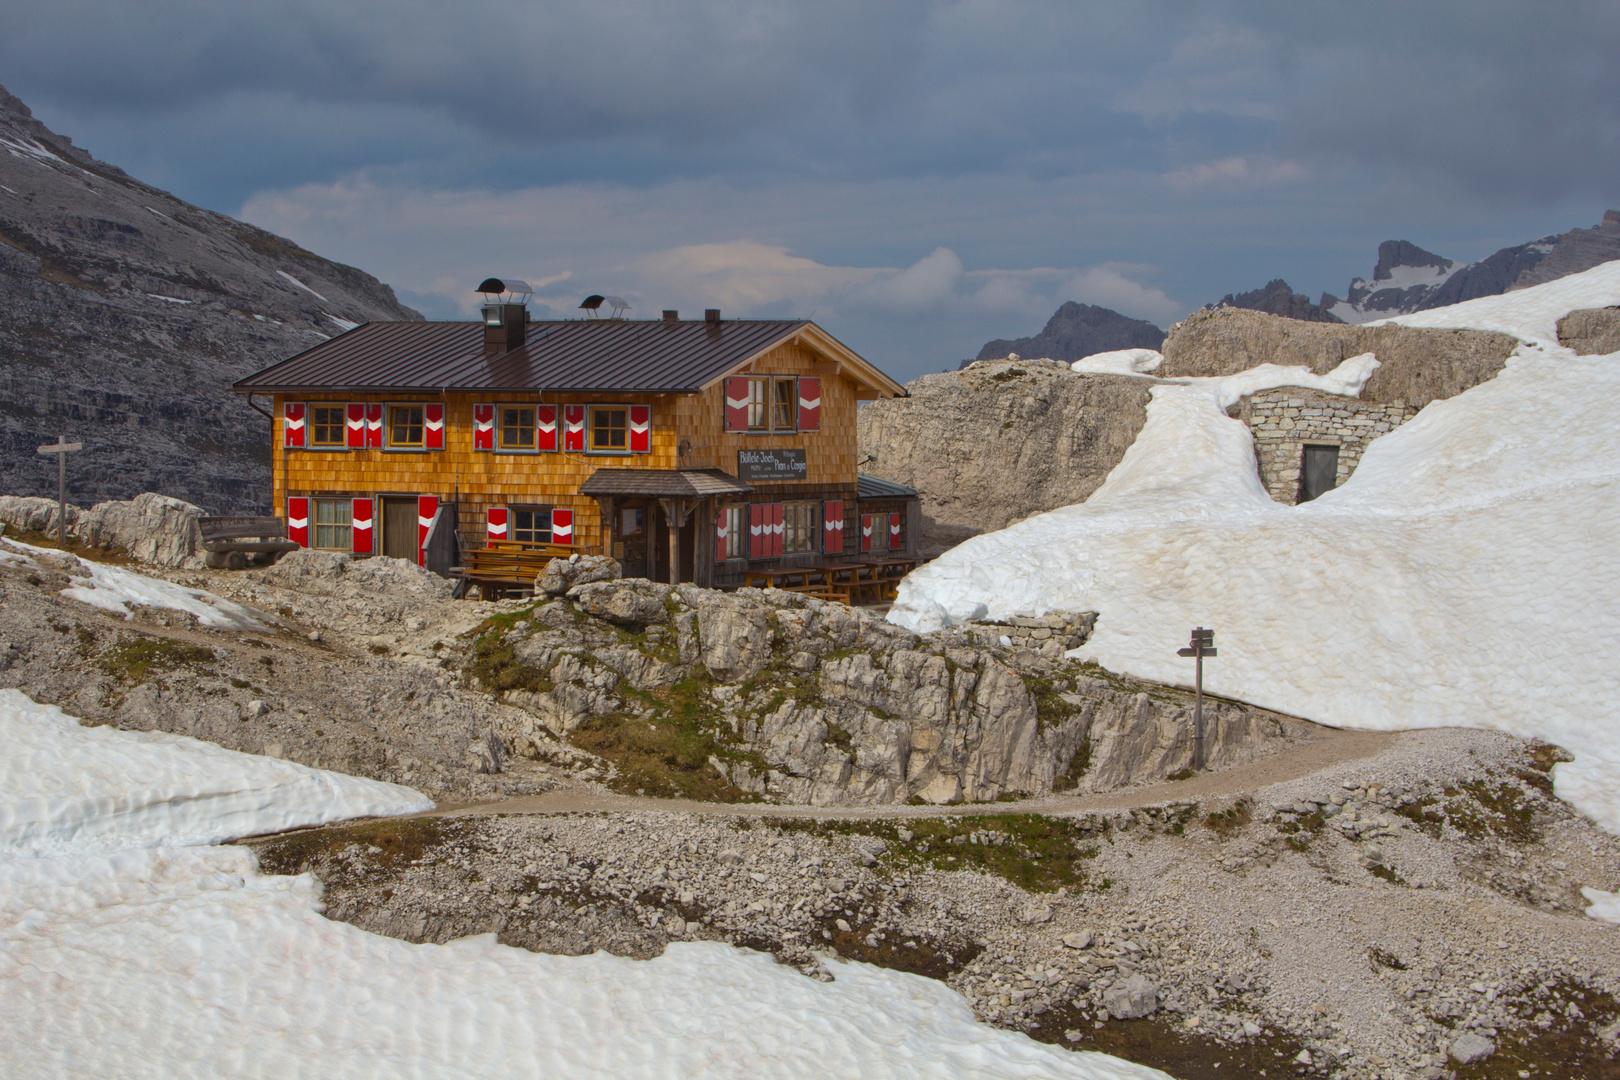 Büllelejochhütte / Rifugio Pian di Cengia 2528 m